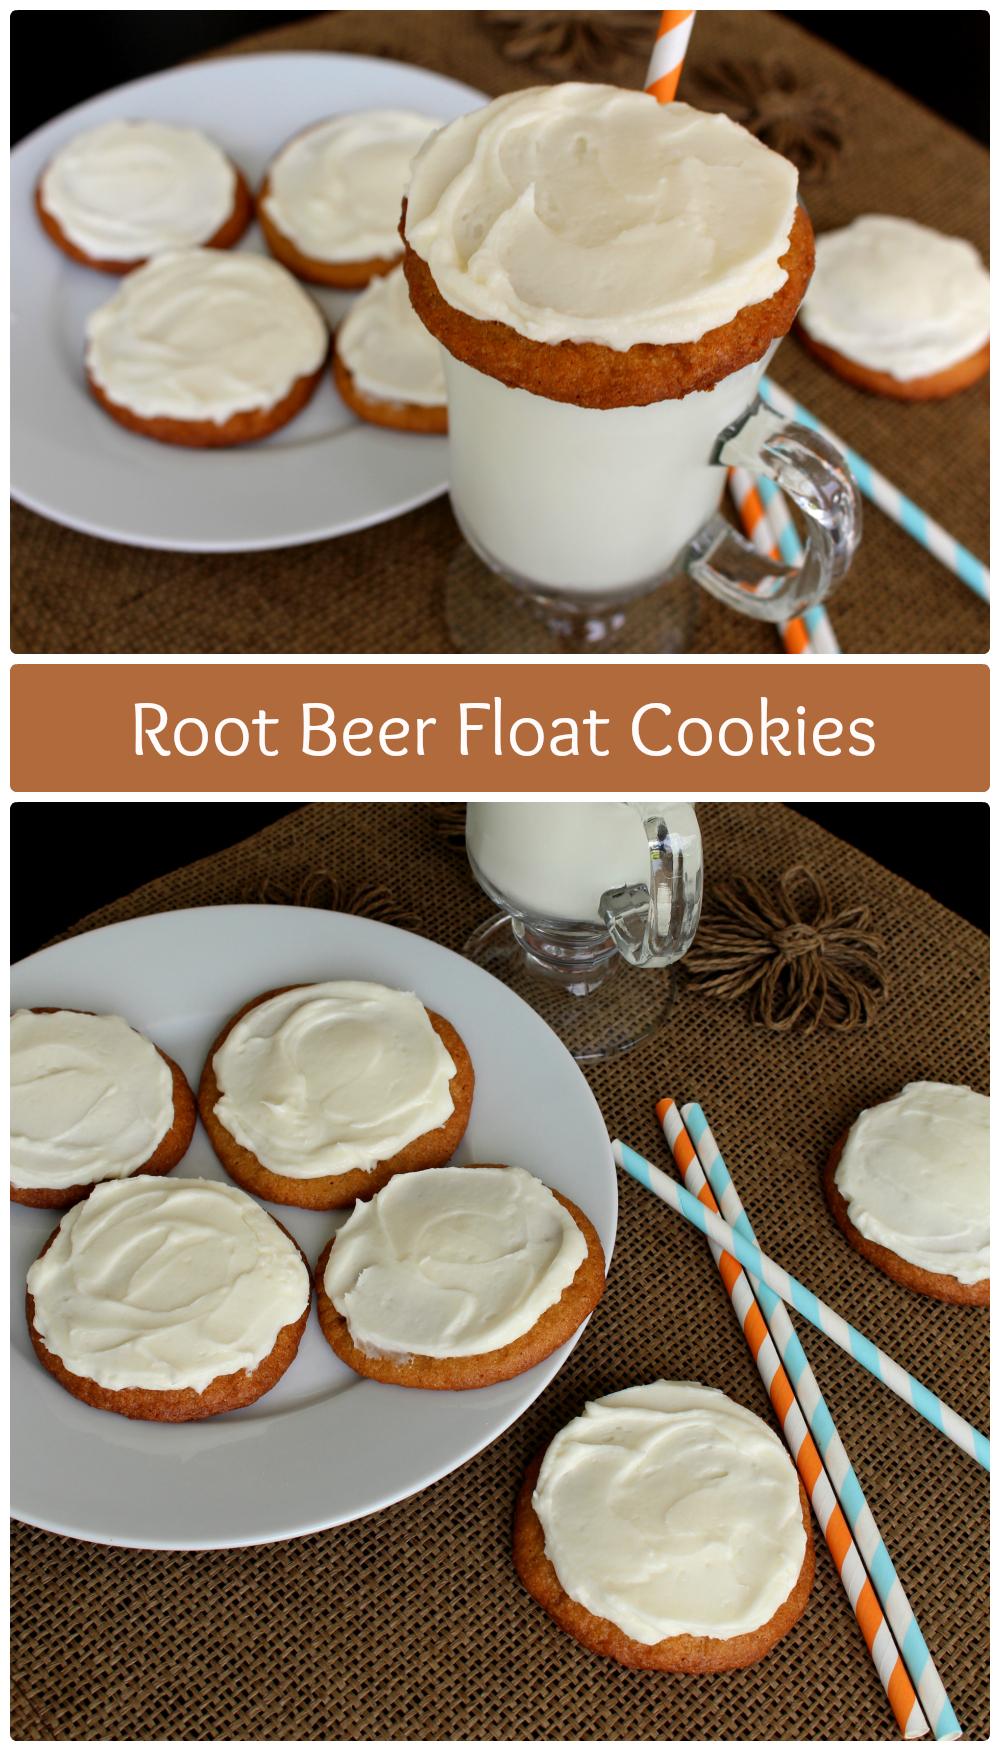 Root Beer Float Cookies. Soft root beer cookies spread with creamy root beer buttercream